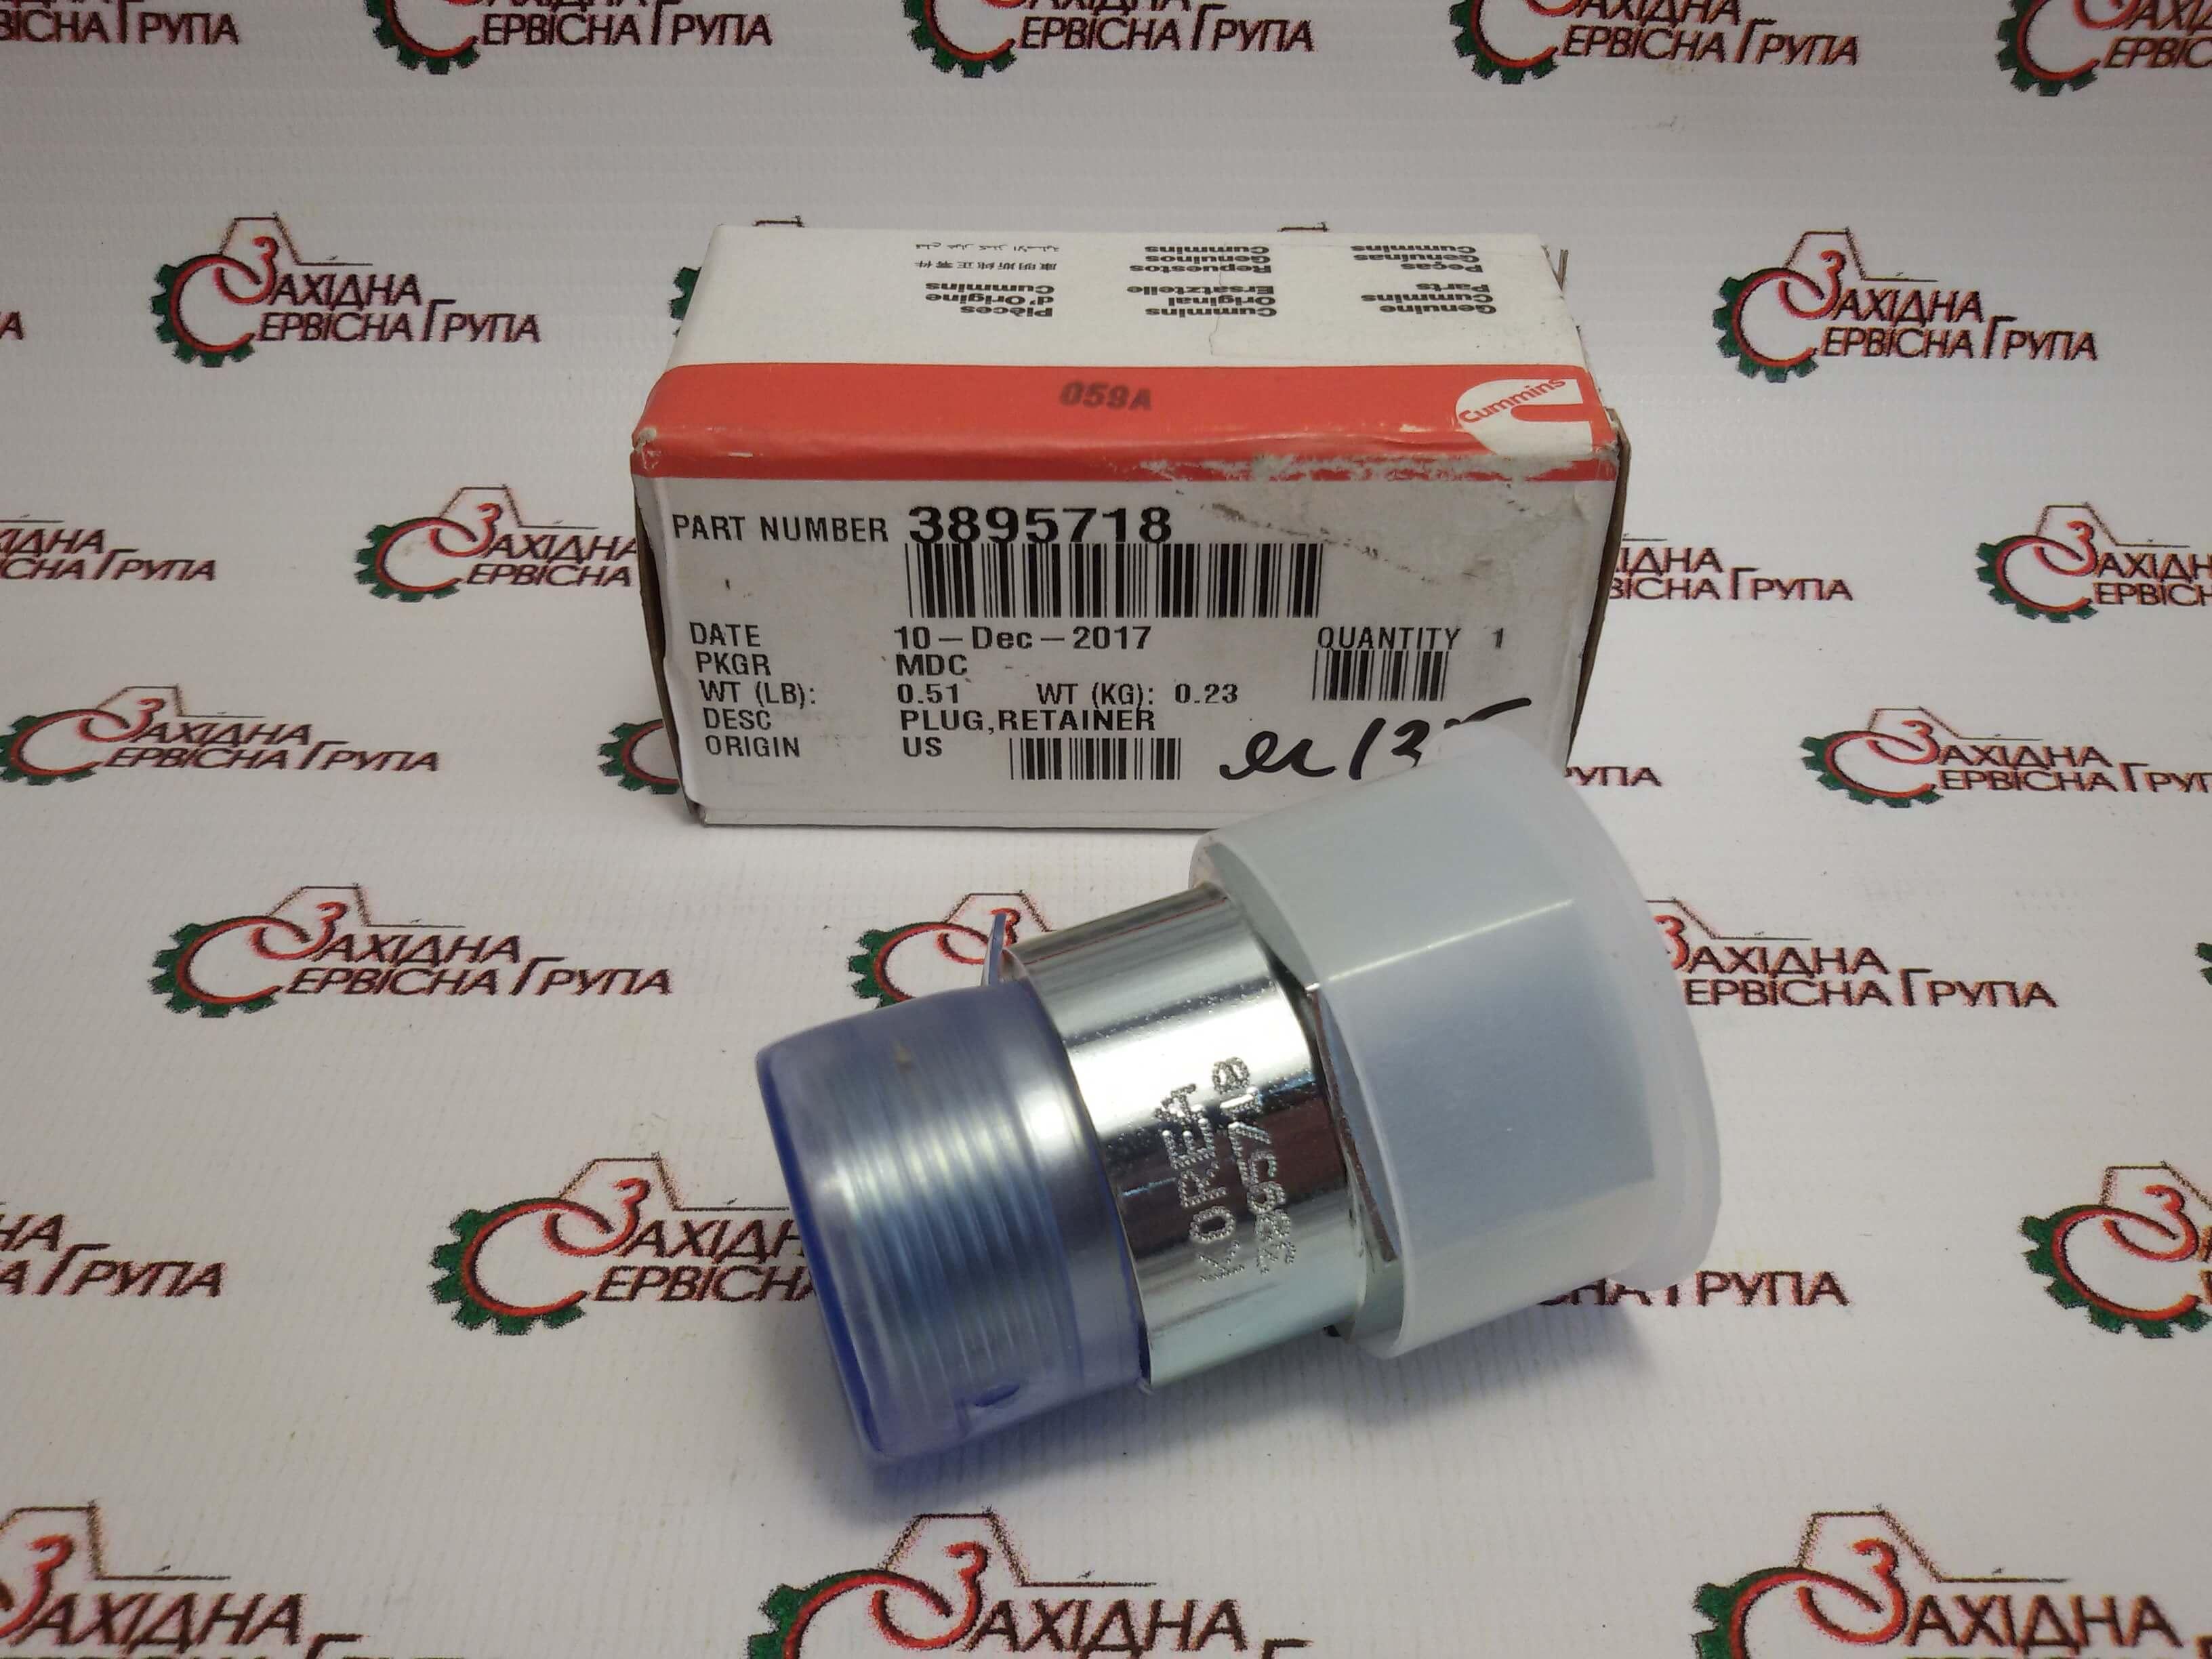 Фиксатор клапана регулятора давления масла Cummins M11, ІСМ11, QSM11, L10, NT855, N14, 3895718.